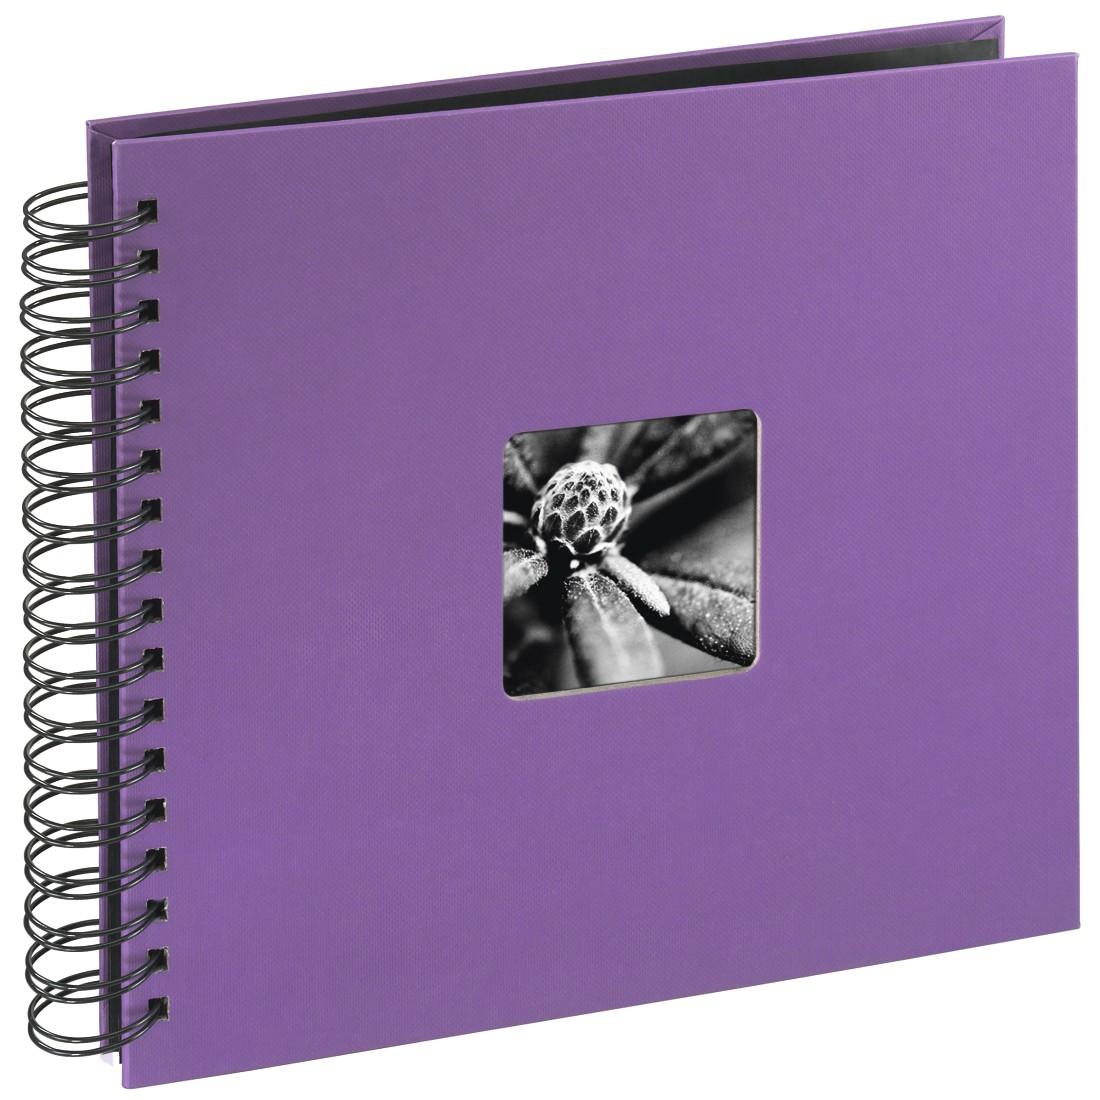 Fine Art Spiralbound Photo Album, 28cm x 24cm 50 Pages, Purple